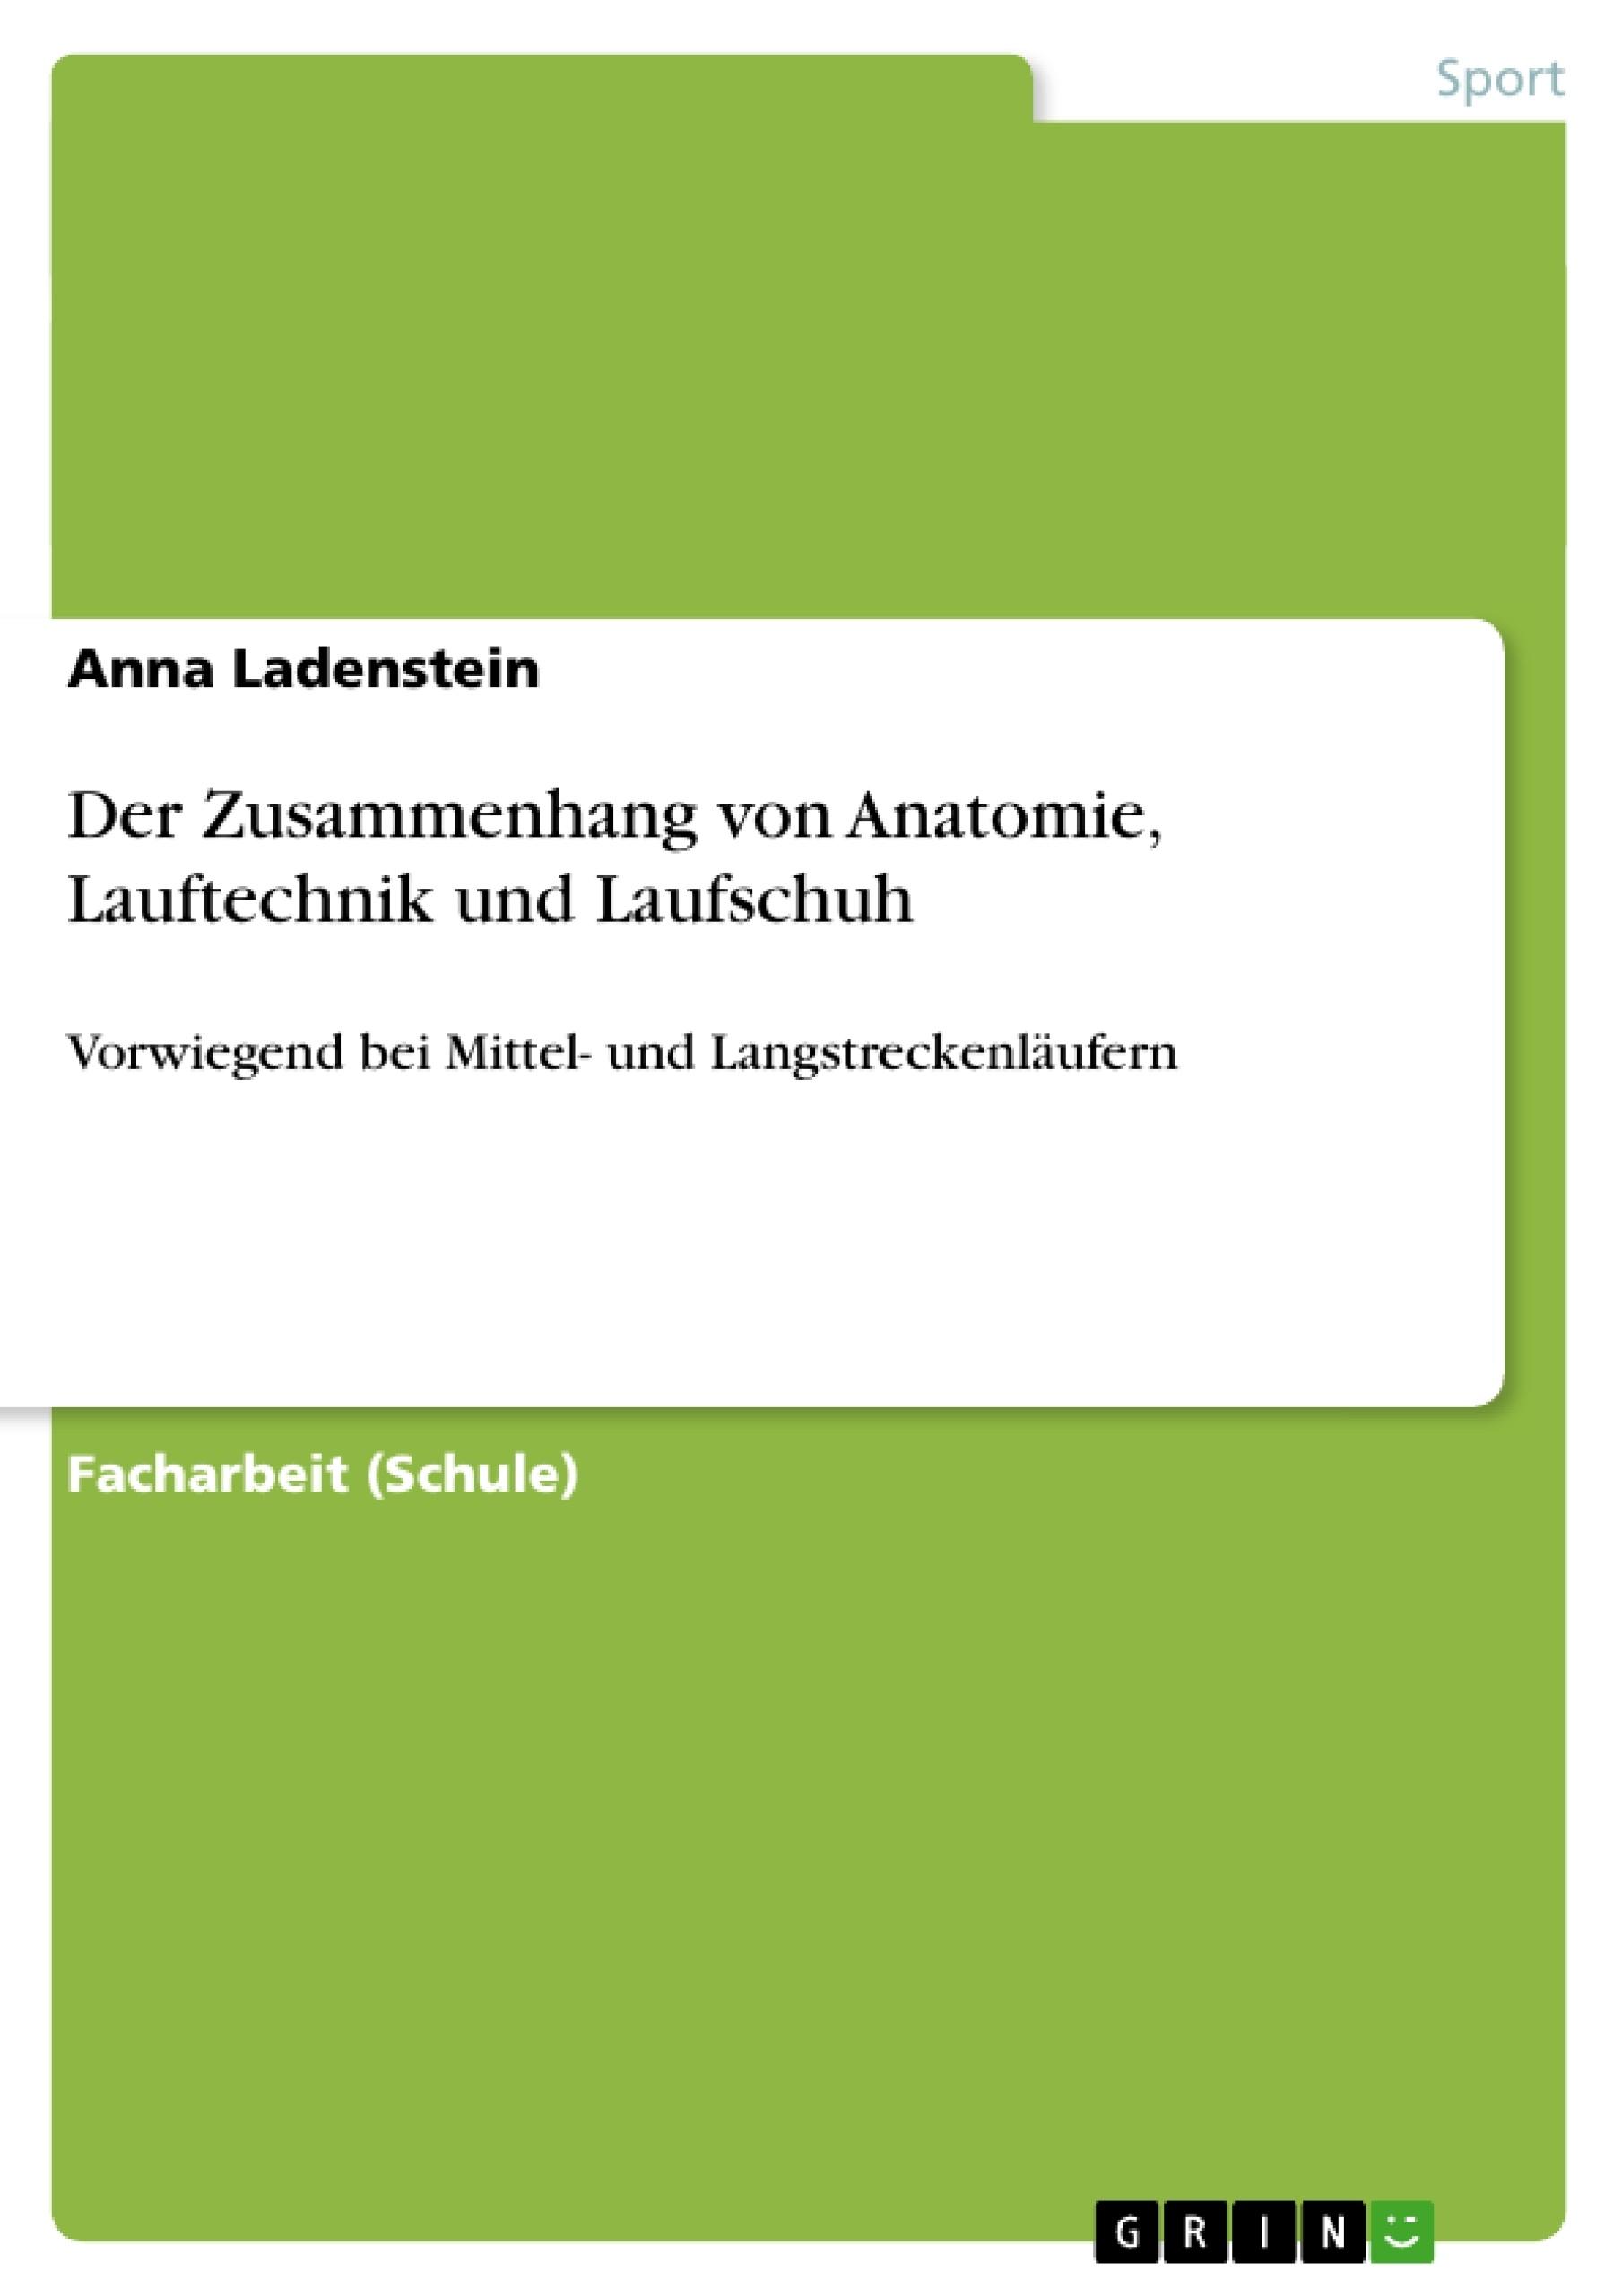 Der Zusammenhang von Anatomie, Lauftechnik und Laufschuh ...